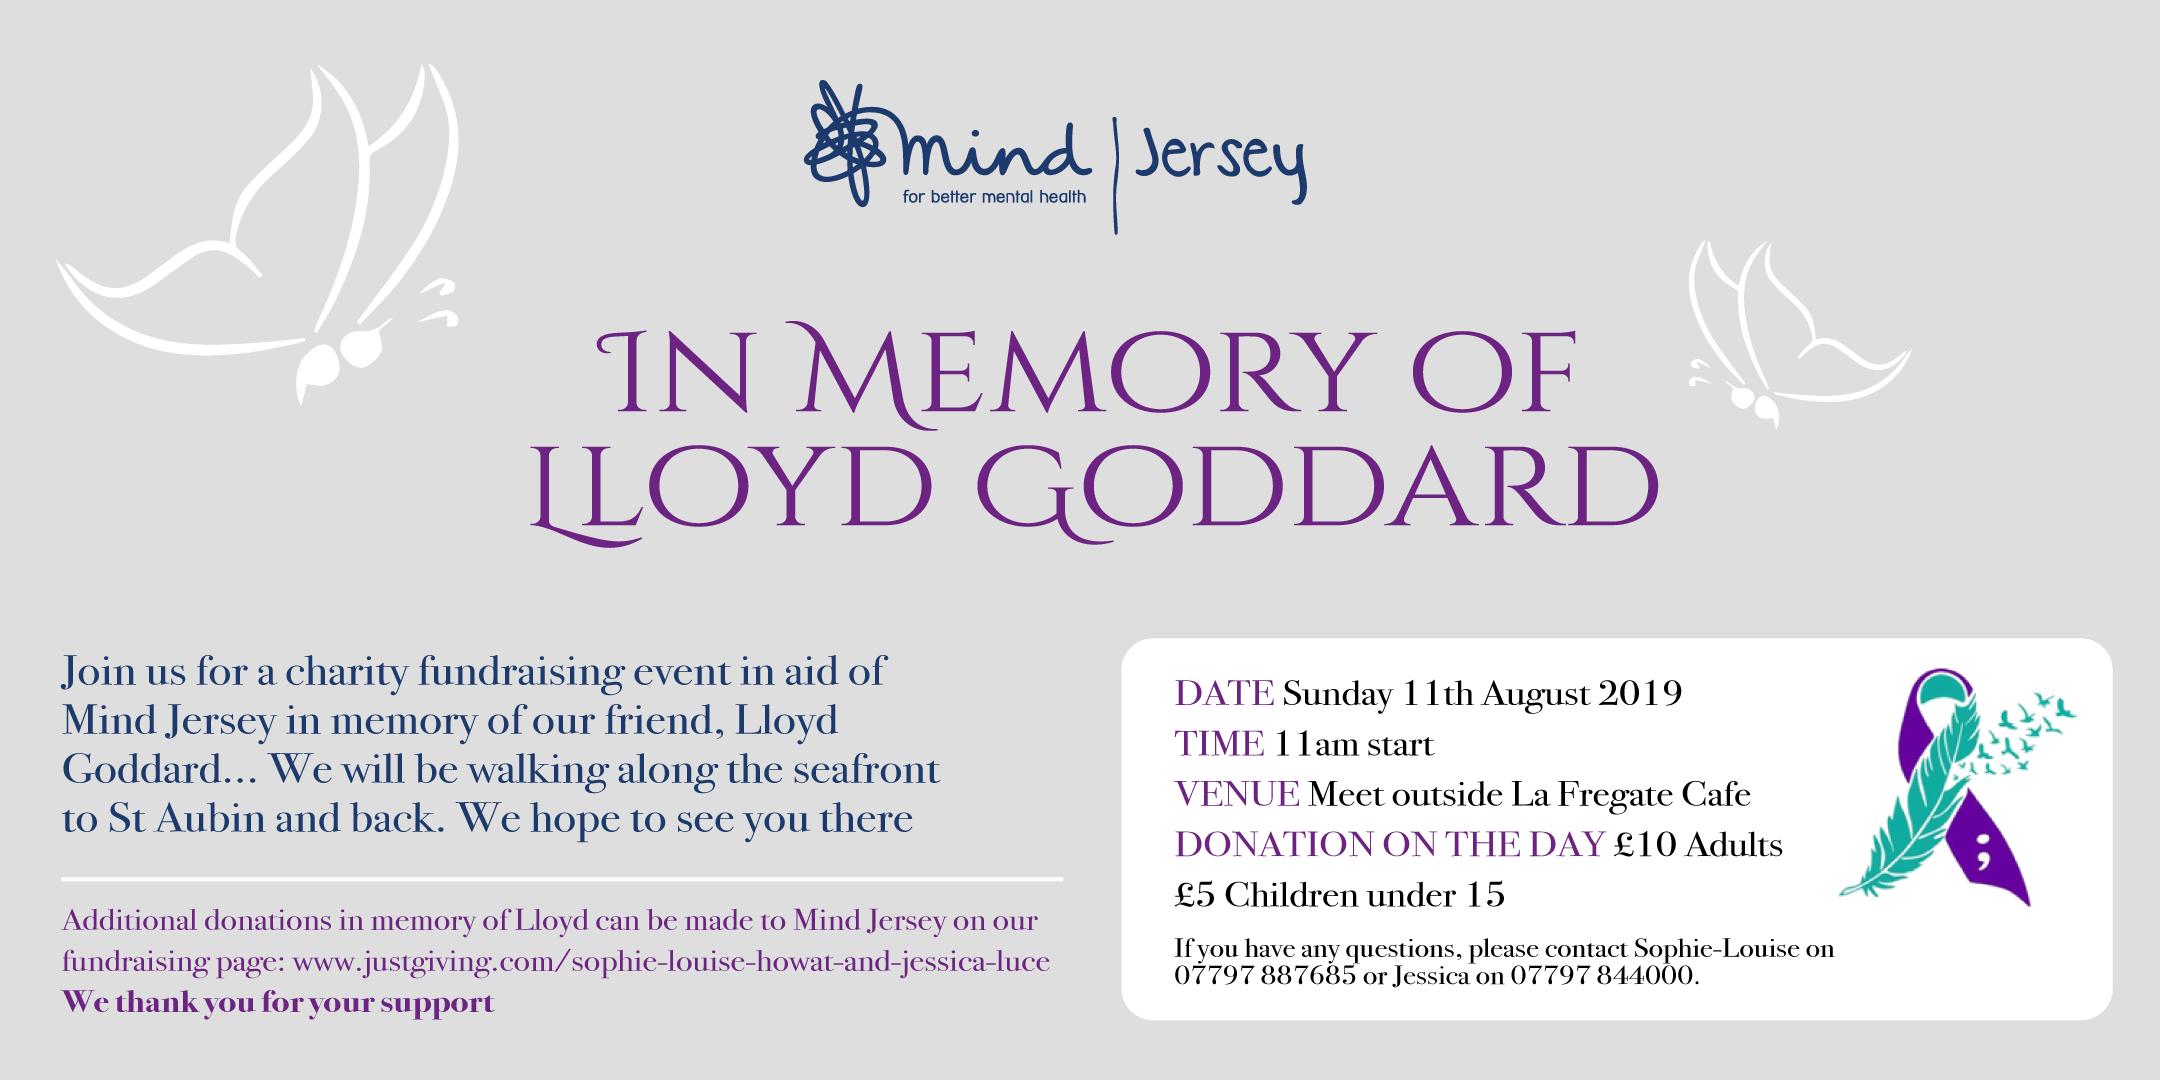 Lloyd Goddard